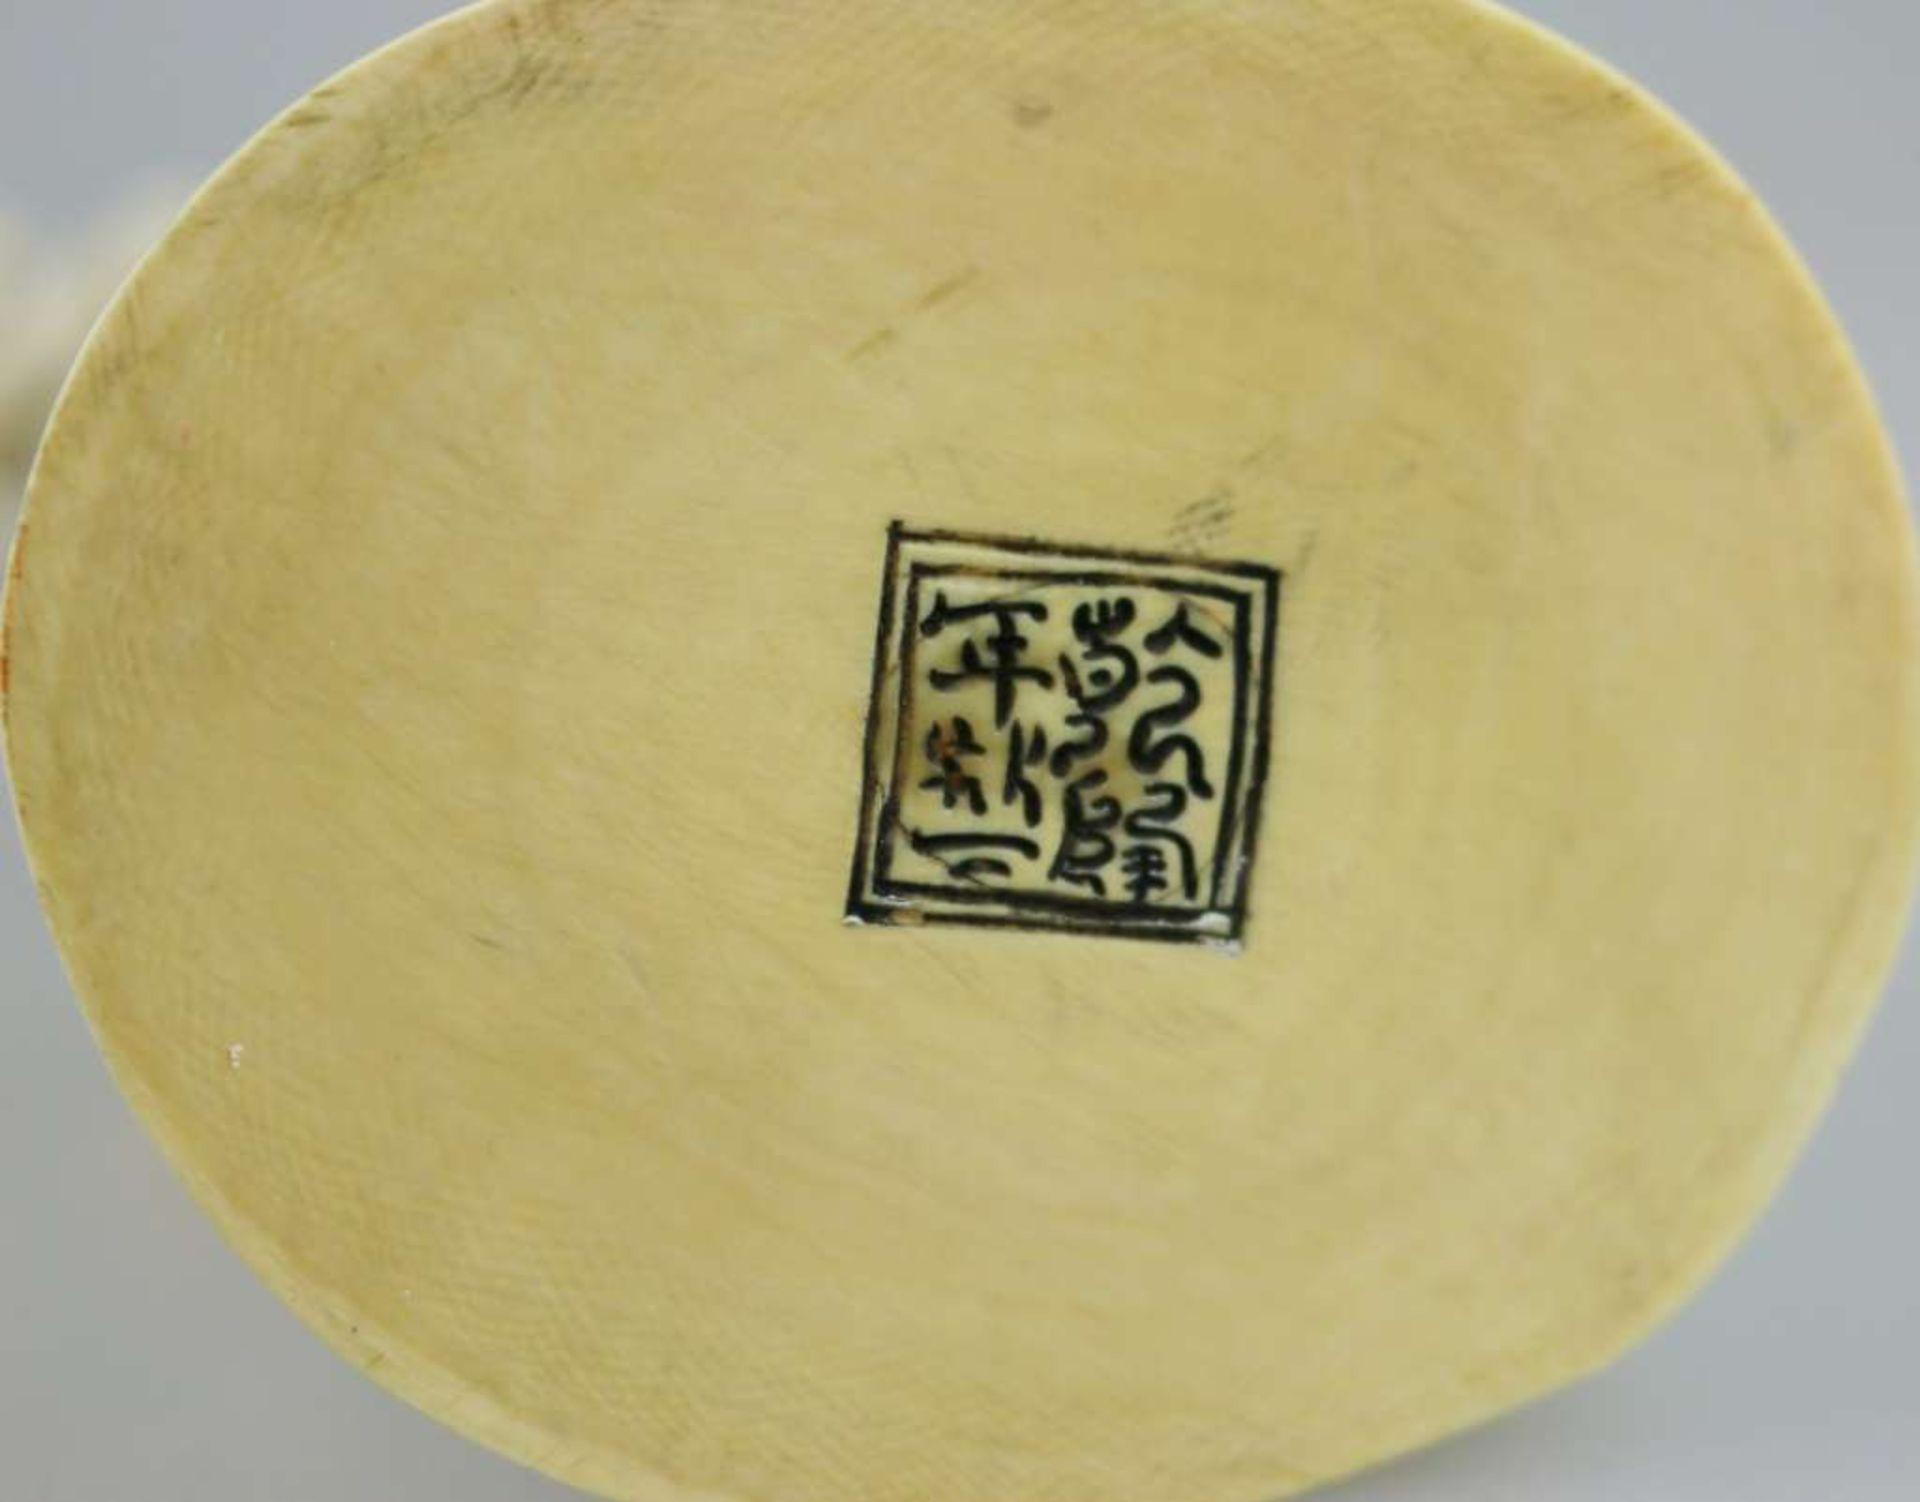 Eine große Elfenbeinschnitzerei von SHOU XING, Gott der Langlebigkeit, fein geschnitzt, auf ei - Bild 3 aus 3